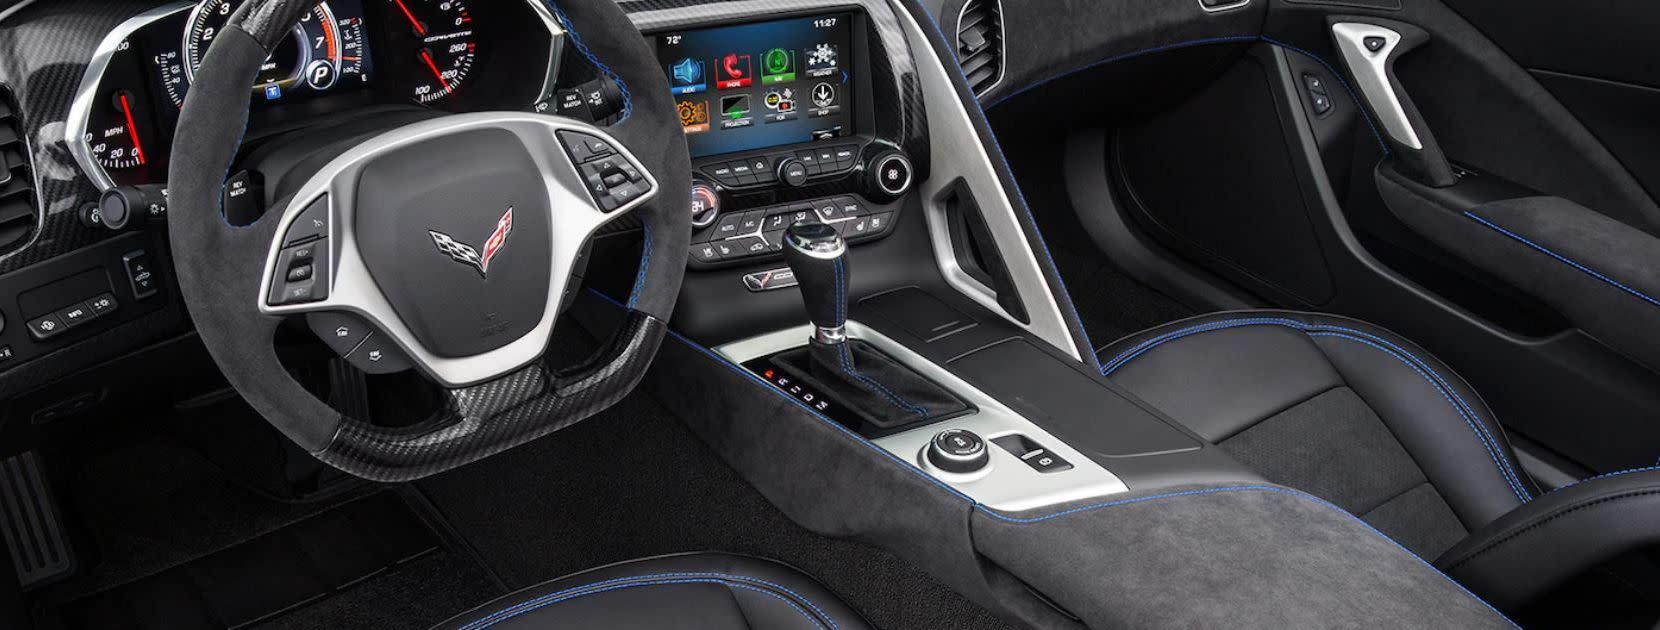 Interior of the 2019 Corvette